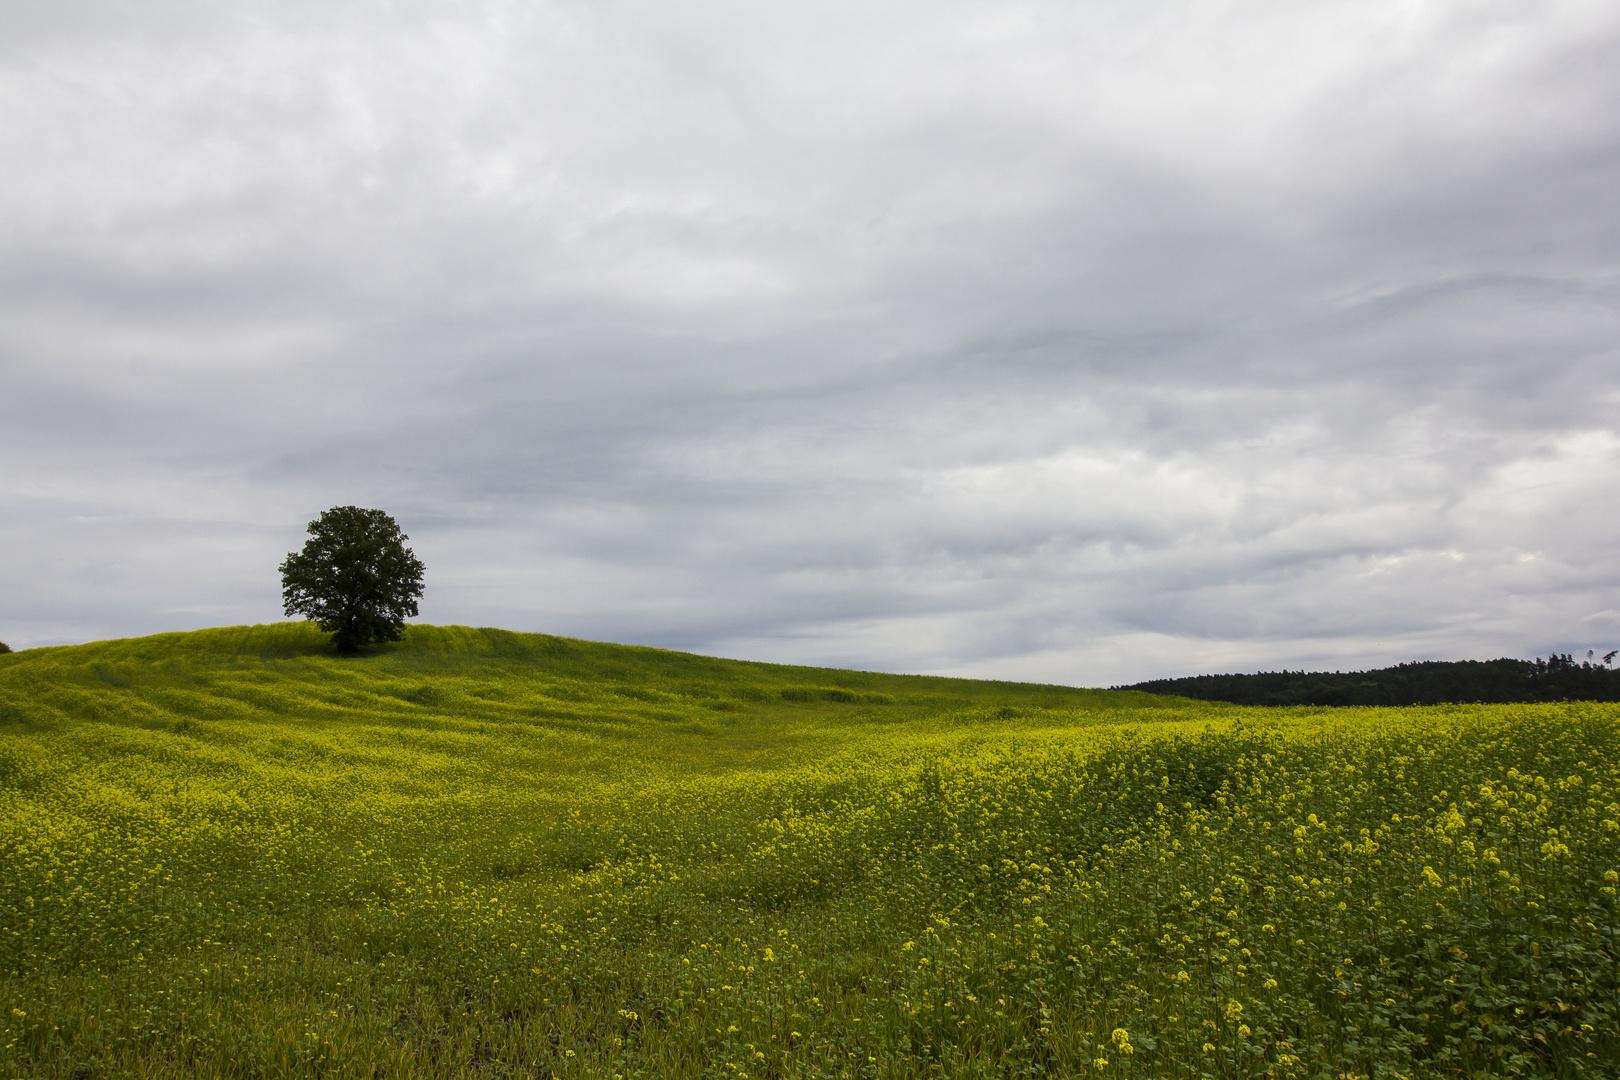 Baum im gelben Feld